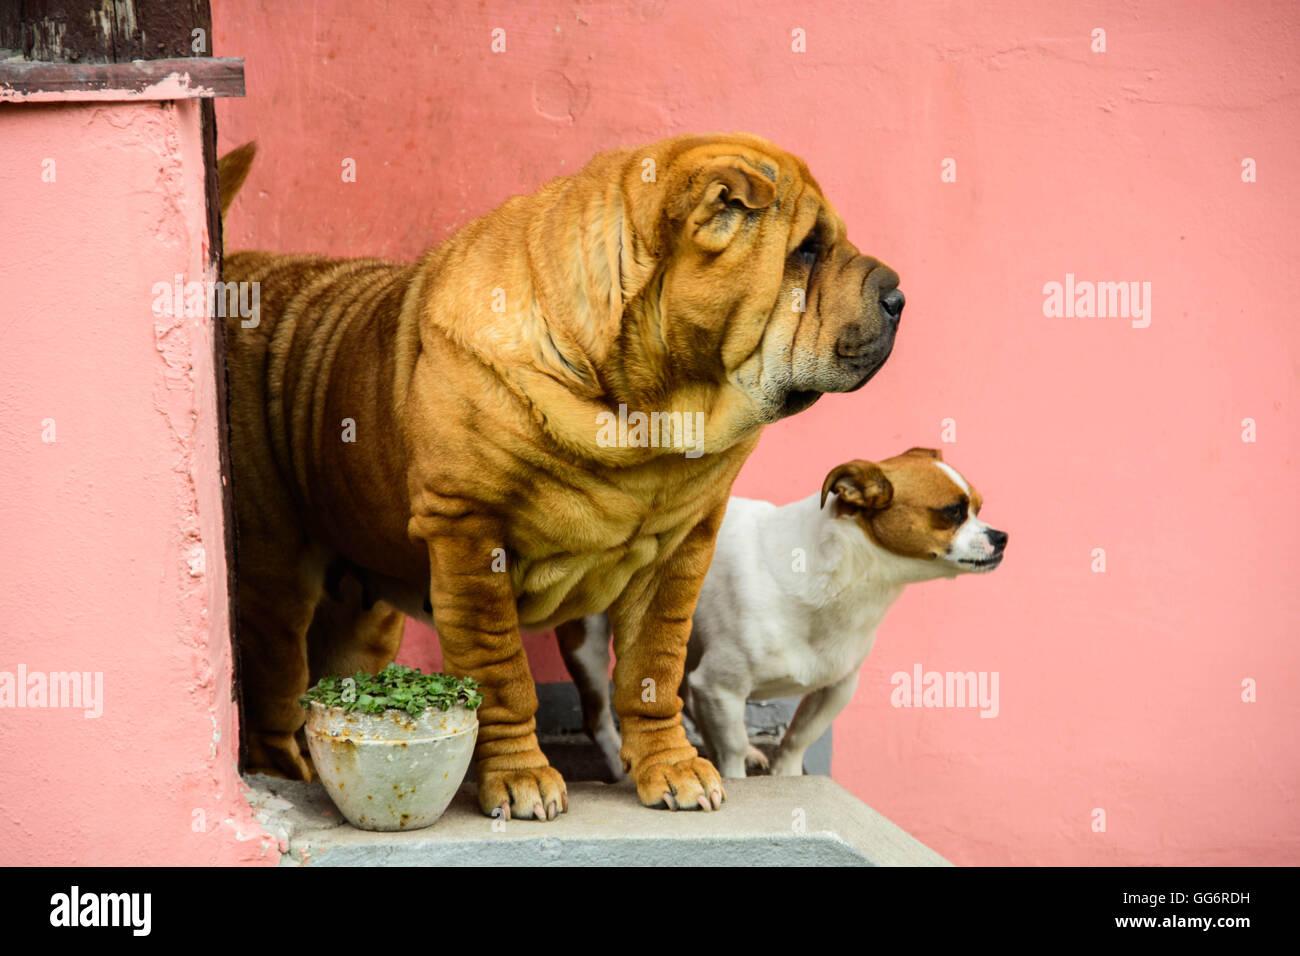 Shar pei dog - Stock Image